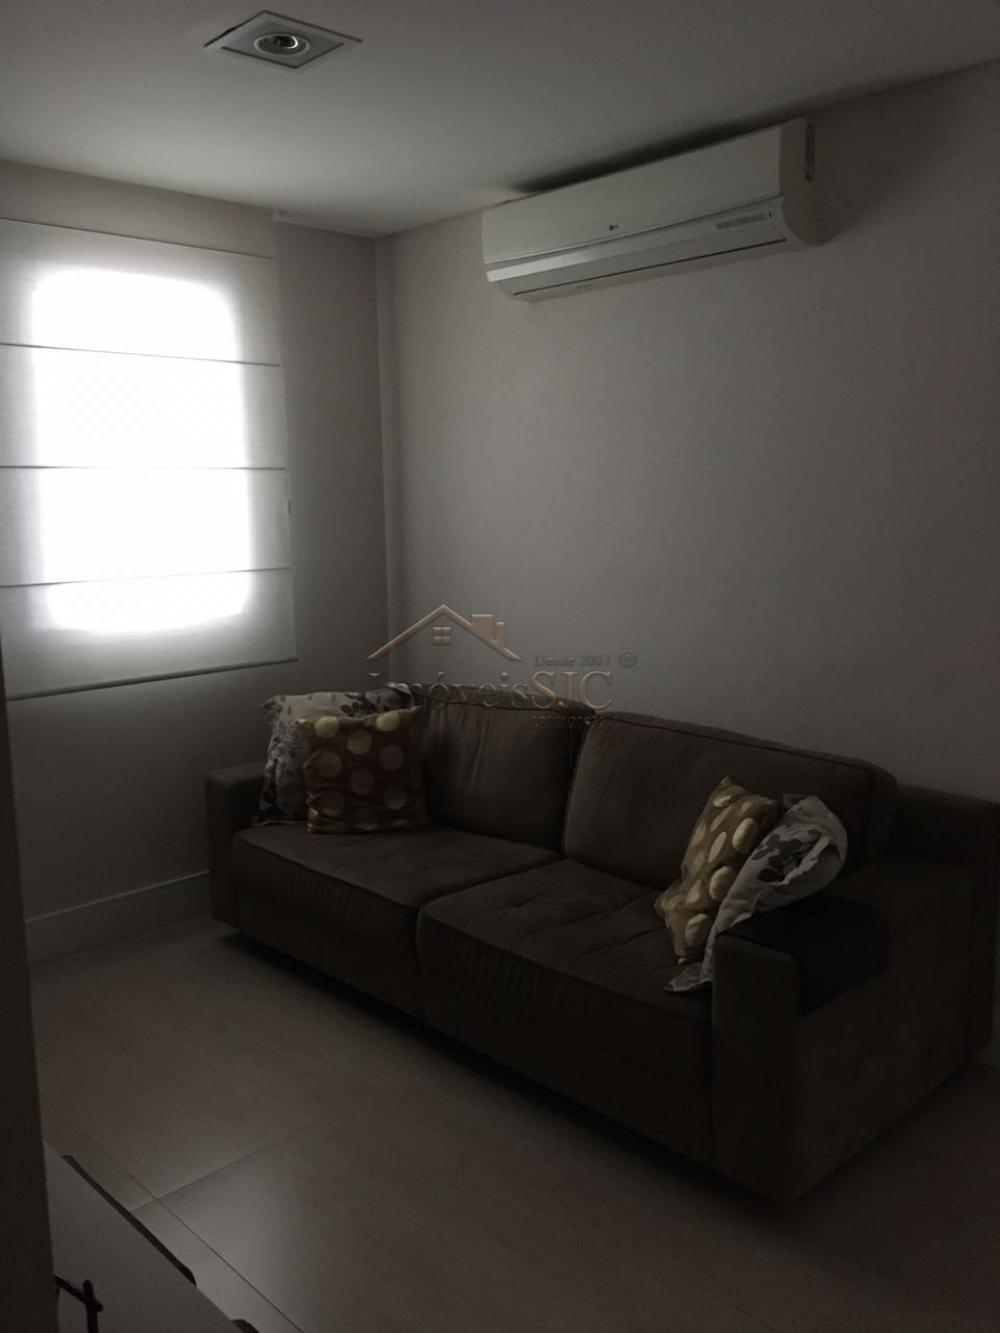 Comprar Apartamentos / Padrão em São José dos Campos apenas R$ 765.000,00 - Foto 16